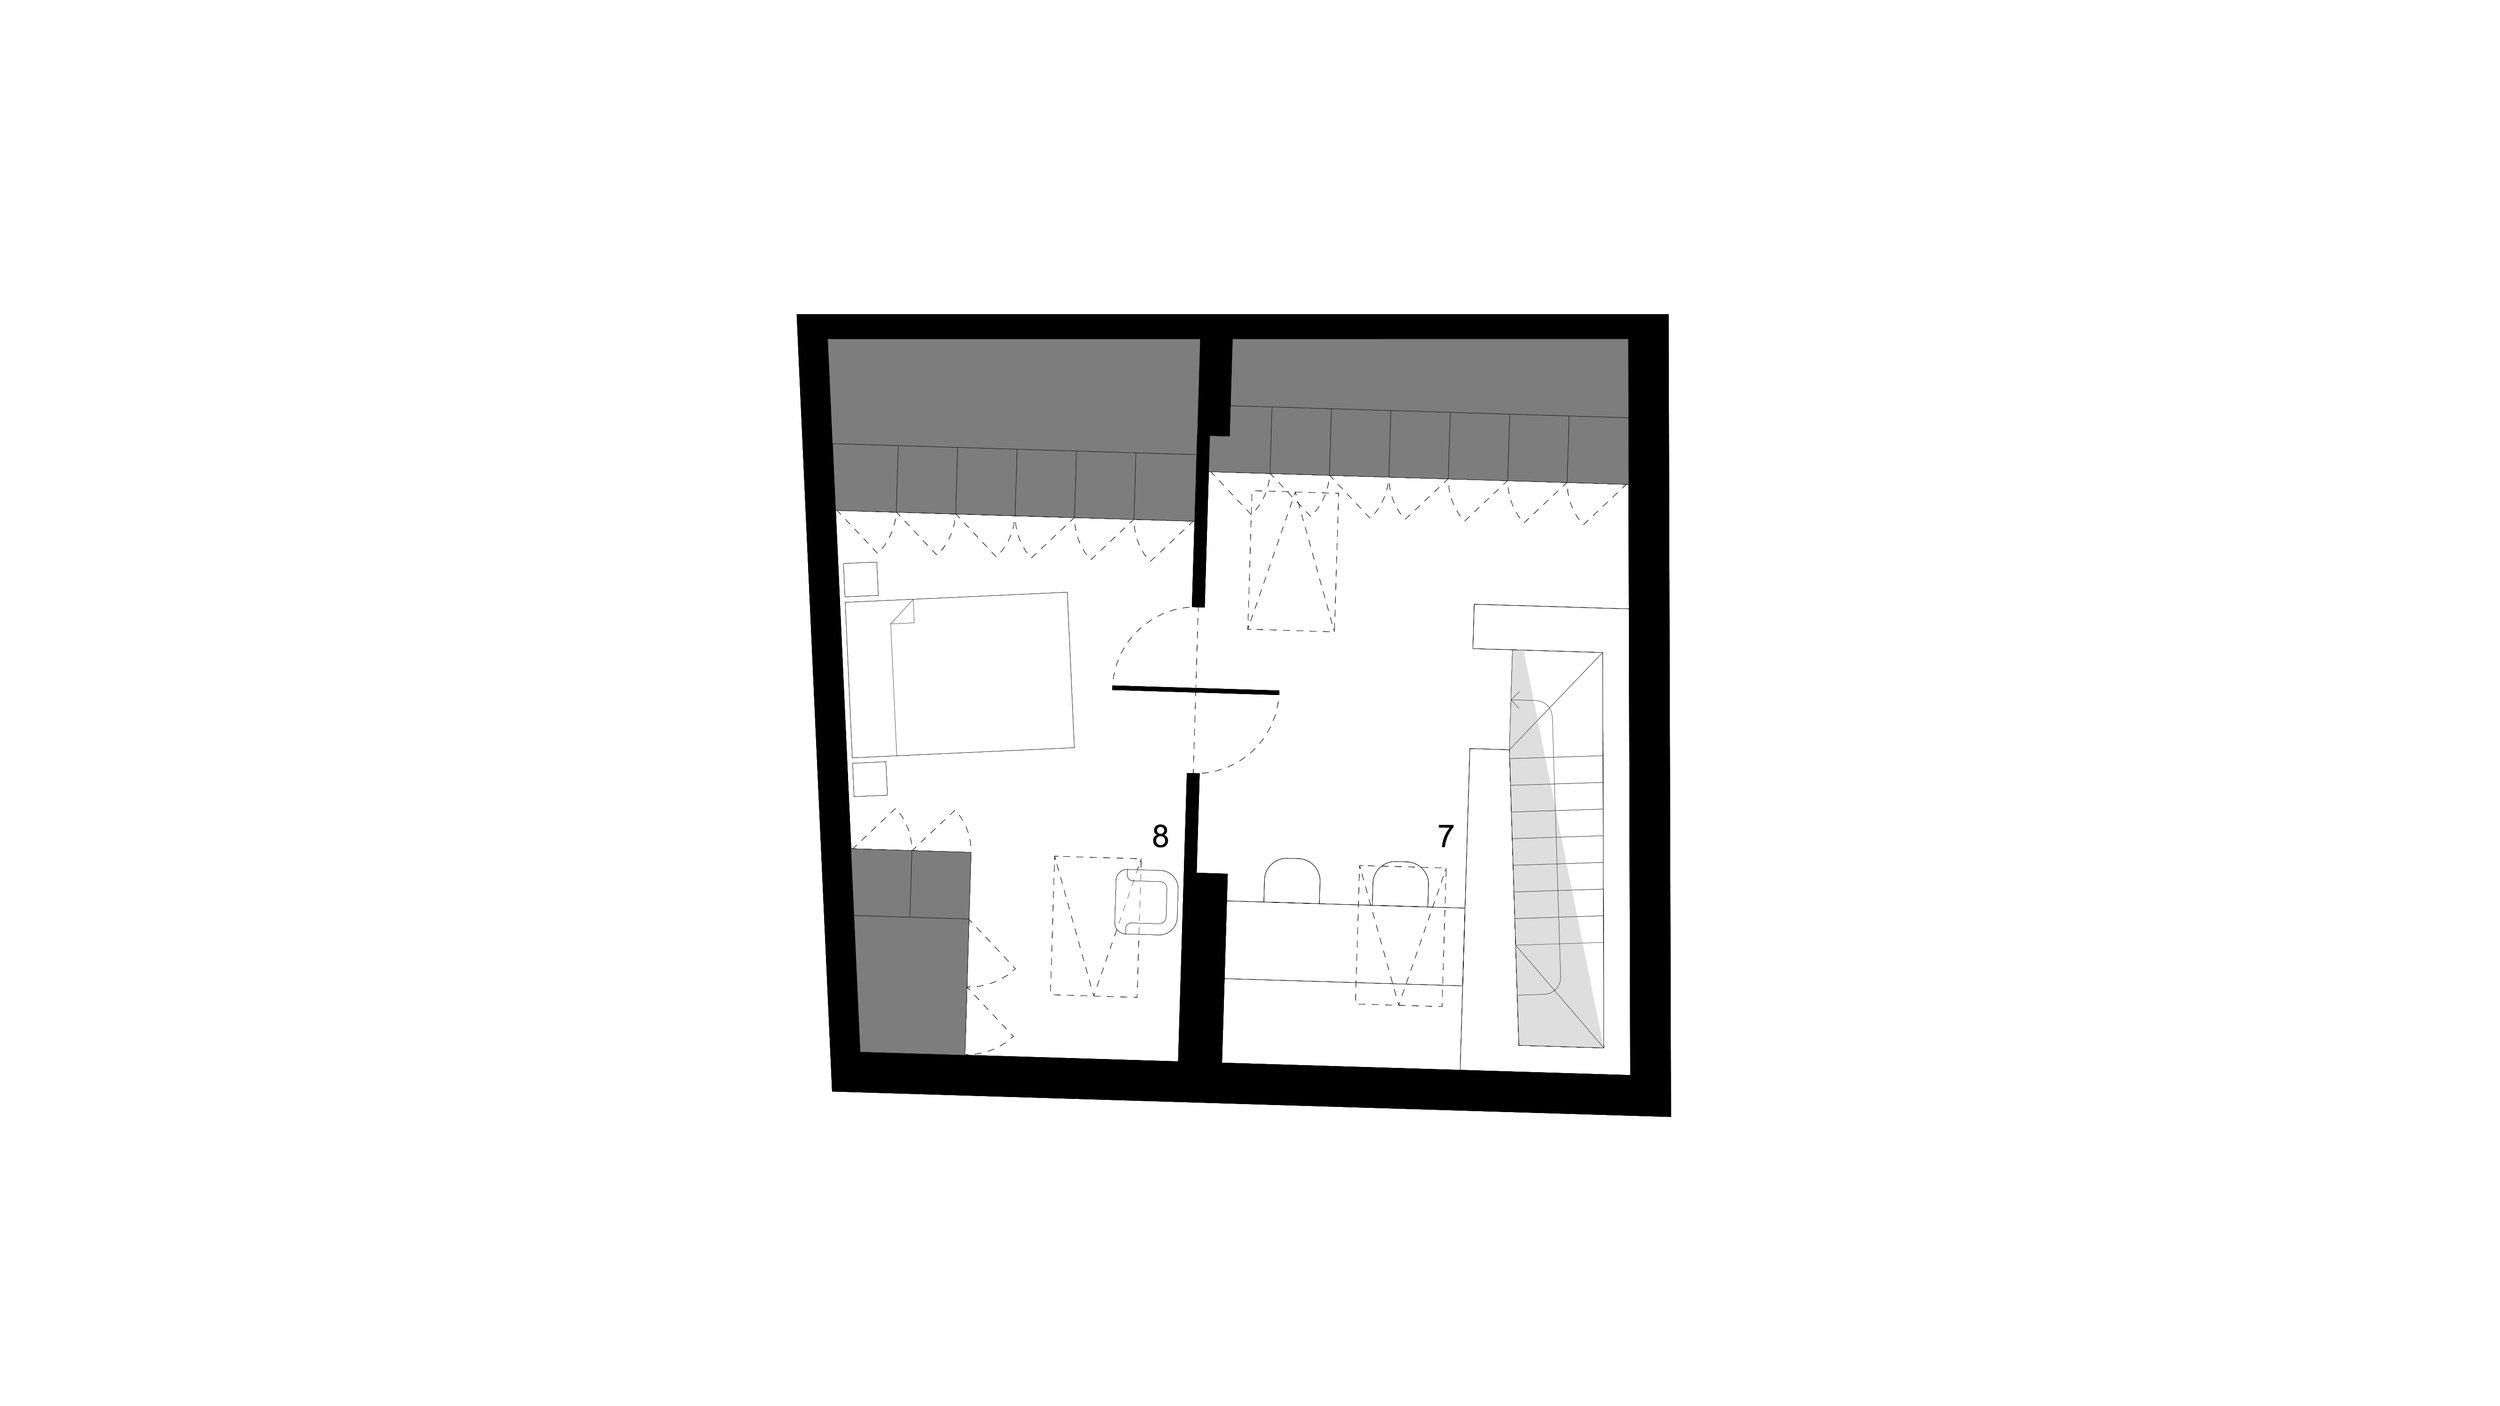 2nd FLOOR PLAN _ 7 office . 8 bedroom